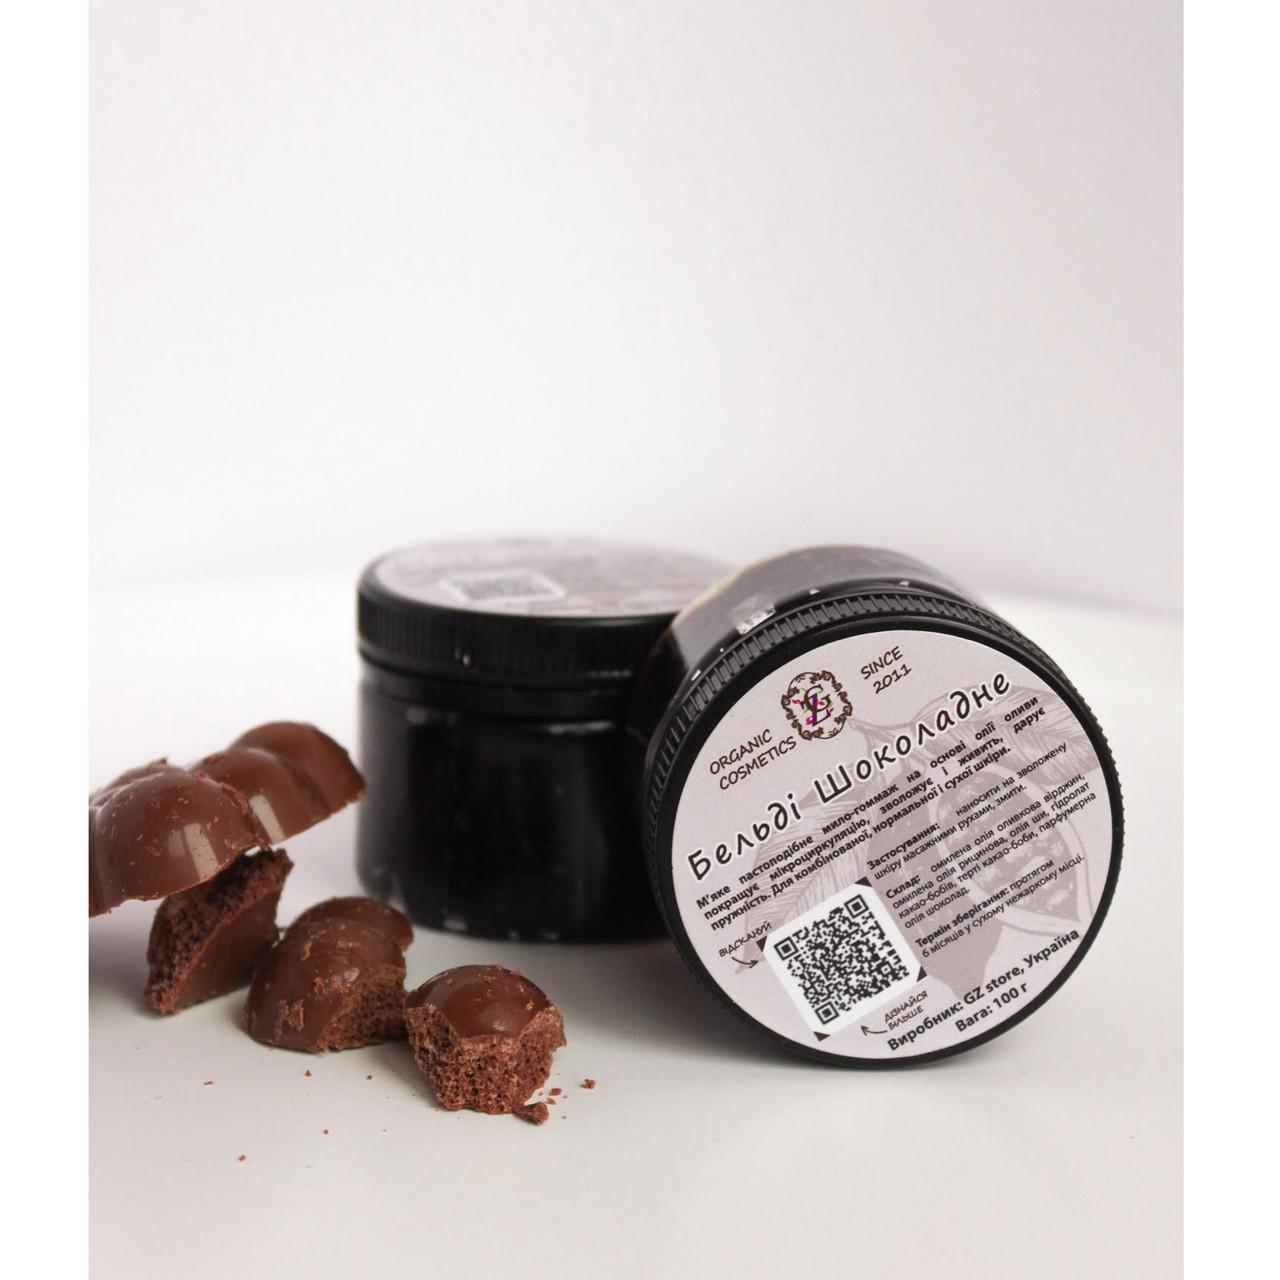 Гоммаж нежная -пилинг-маска из оливкового масла для глубокого очищения кожи - Тертое какао-шоколад 250 г